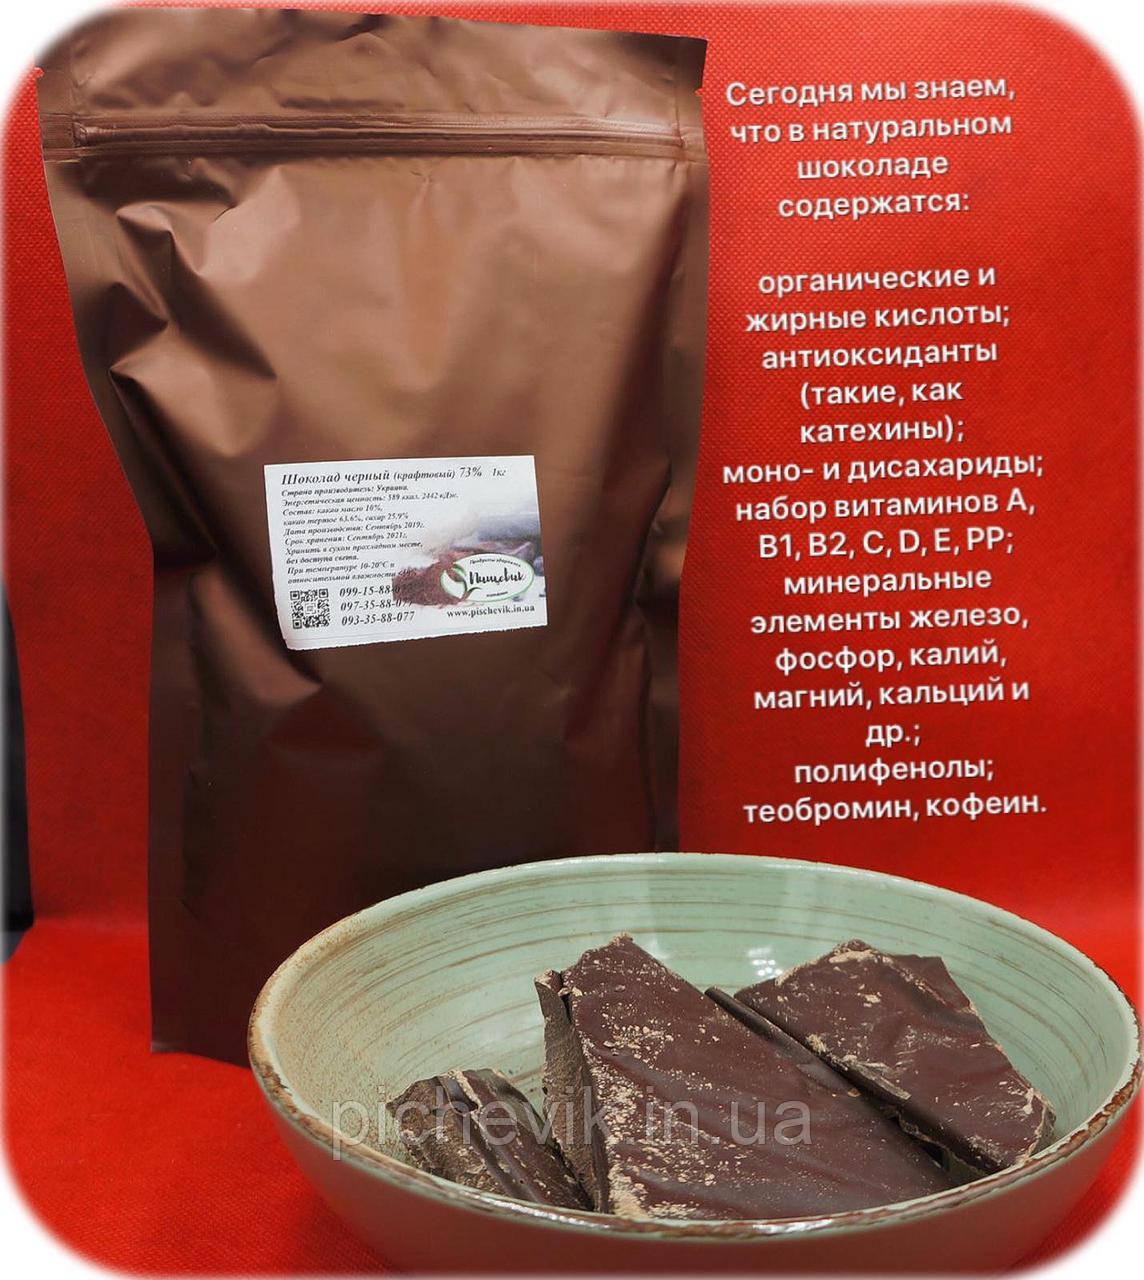 Черный шоколад 73 % (весовой) (Украина) Вес 150 гр